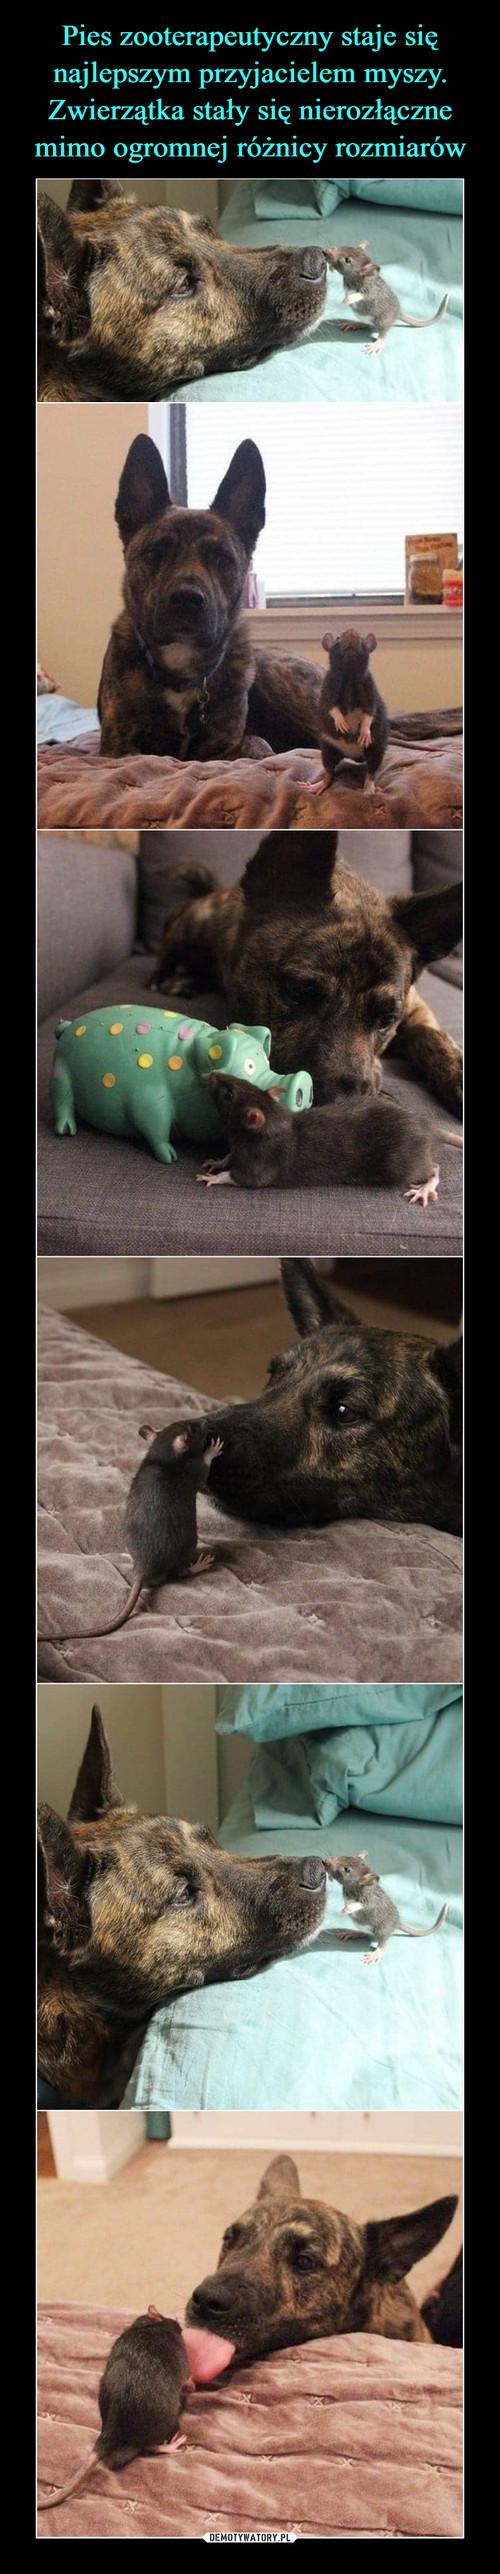 Pies zooterapeutyczny staje się najlepszym przyjacielem myszy. Zwierzątka stały się nierozłączne mimo ogromnej różnicy rozmiarów